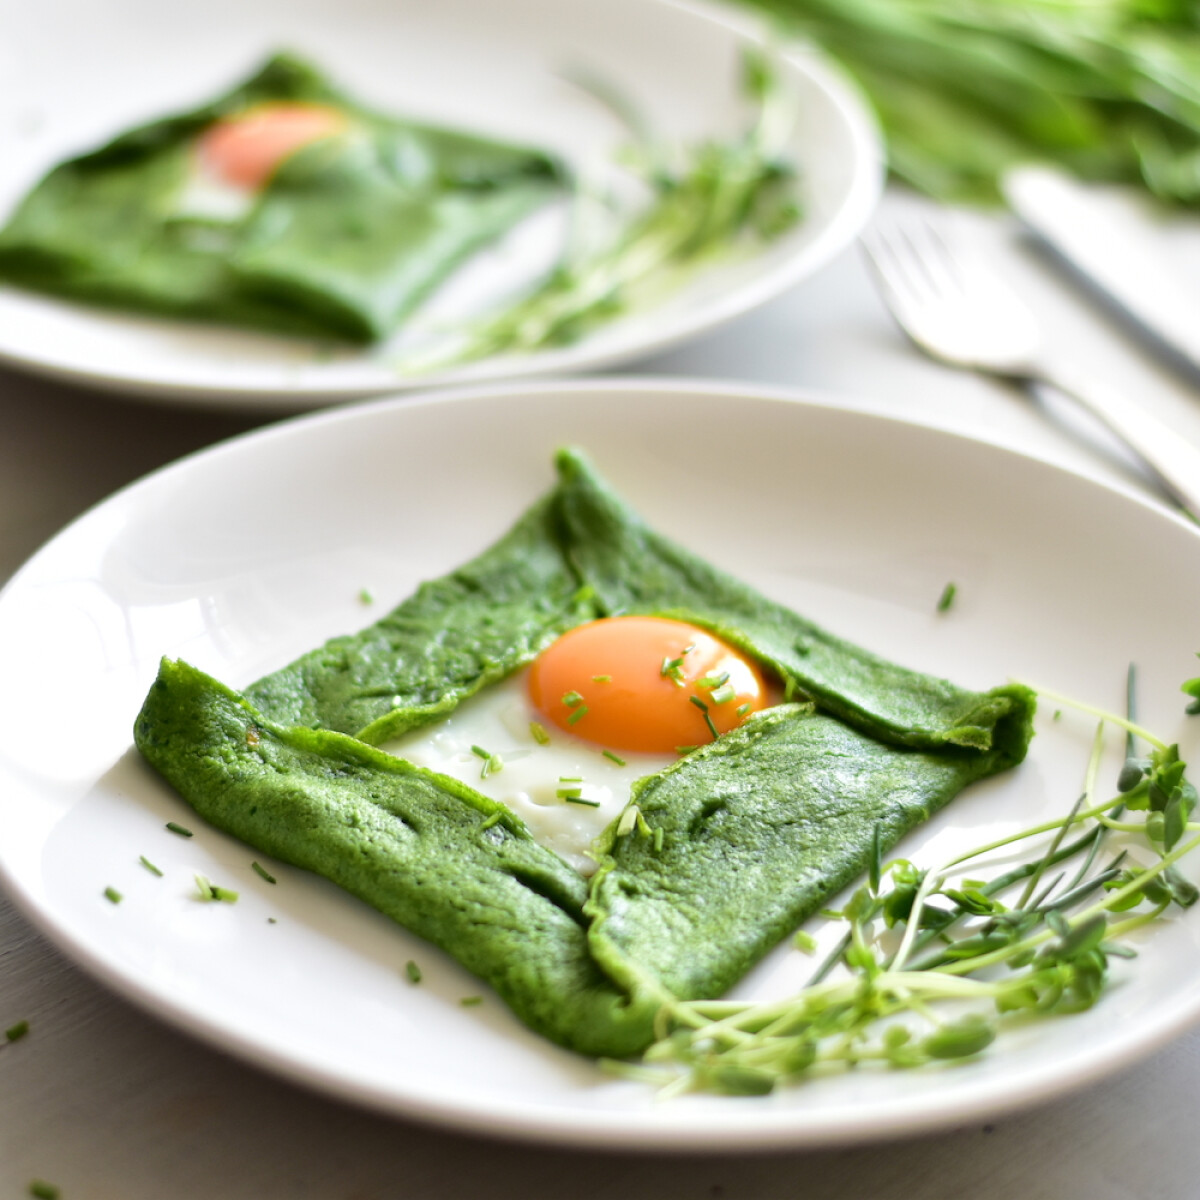 Tavaszi zöldséges palacsinták – paradicsomos, spenótos és rukkolás sztárok a tányérodon